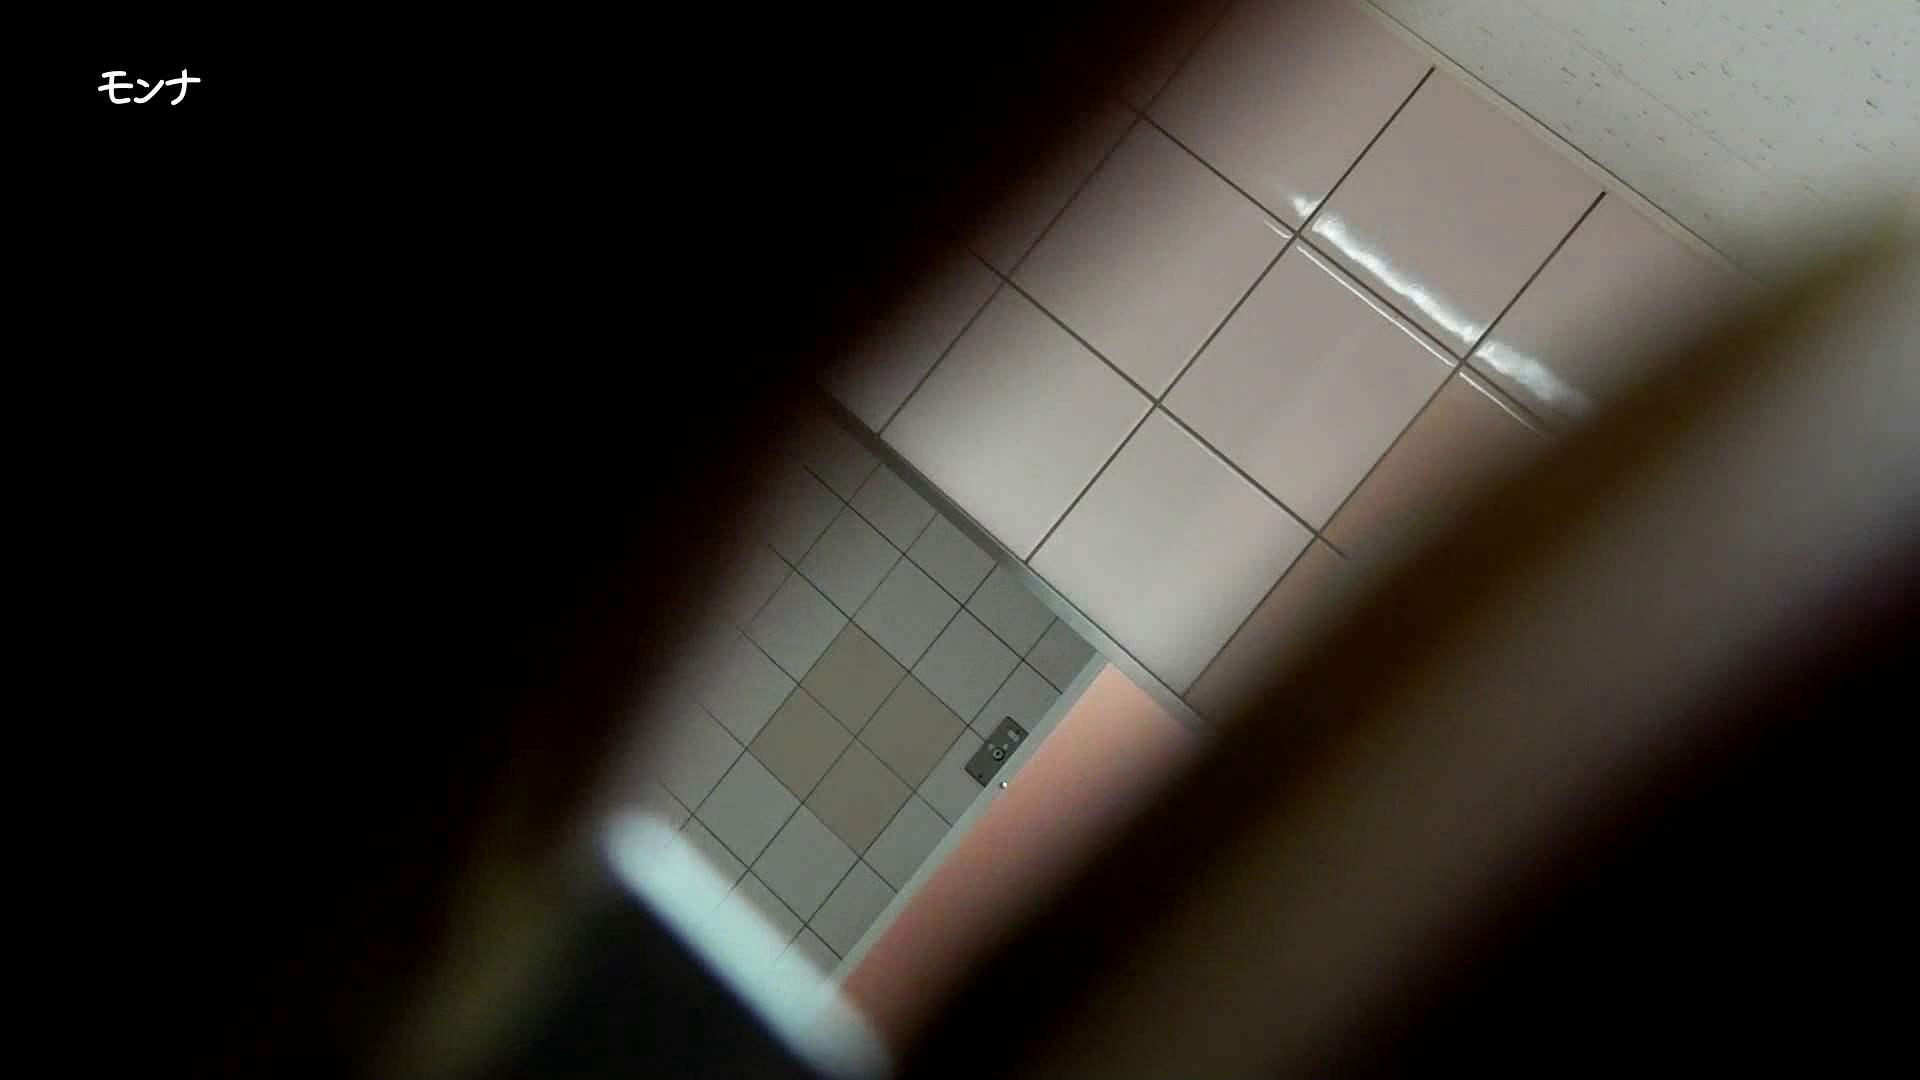 【03位 2016】美しい日本の未来 No.44 感動作2 おまんこ無修正 エロ画像 69pic 54